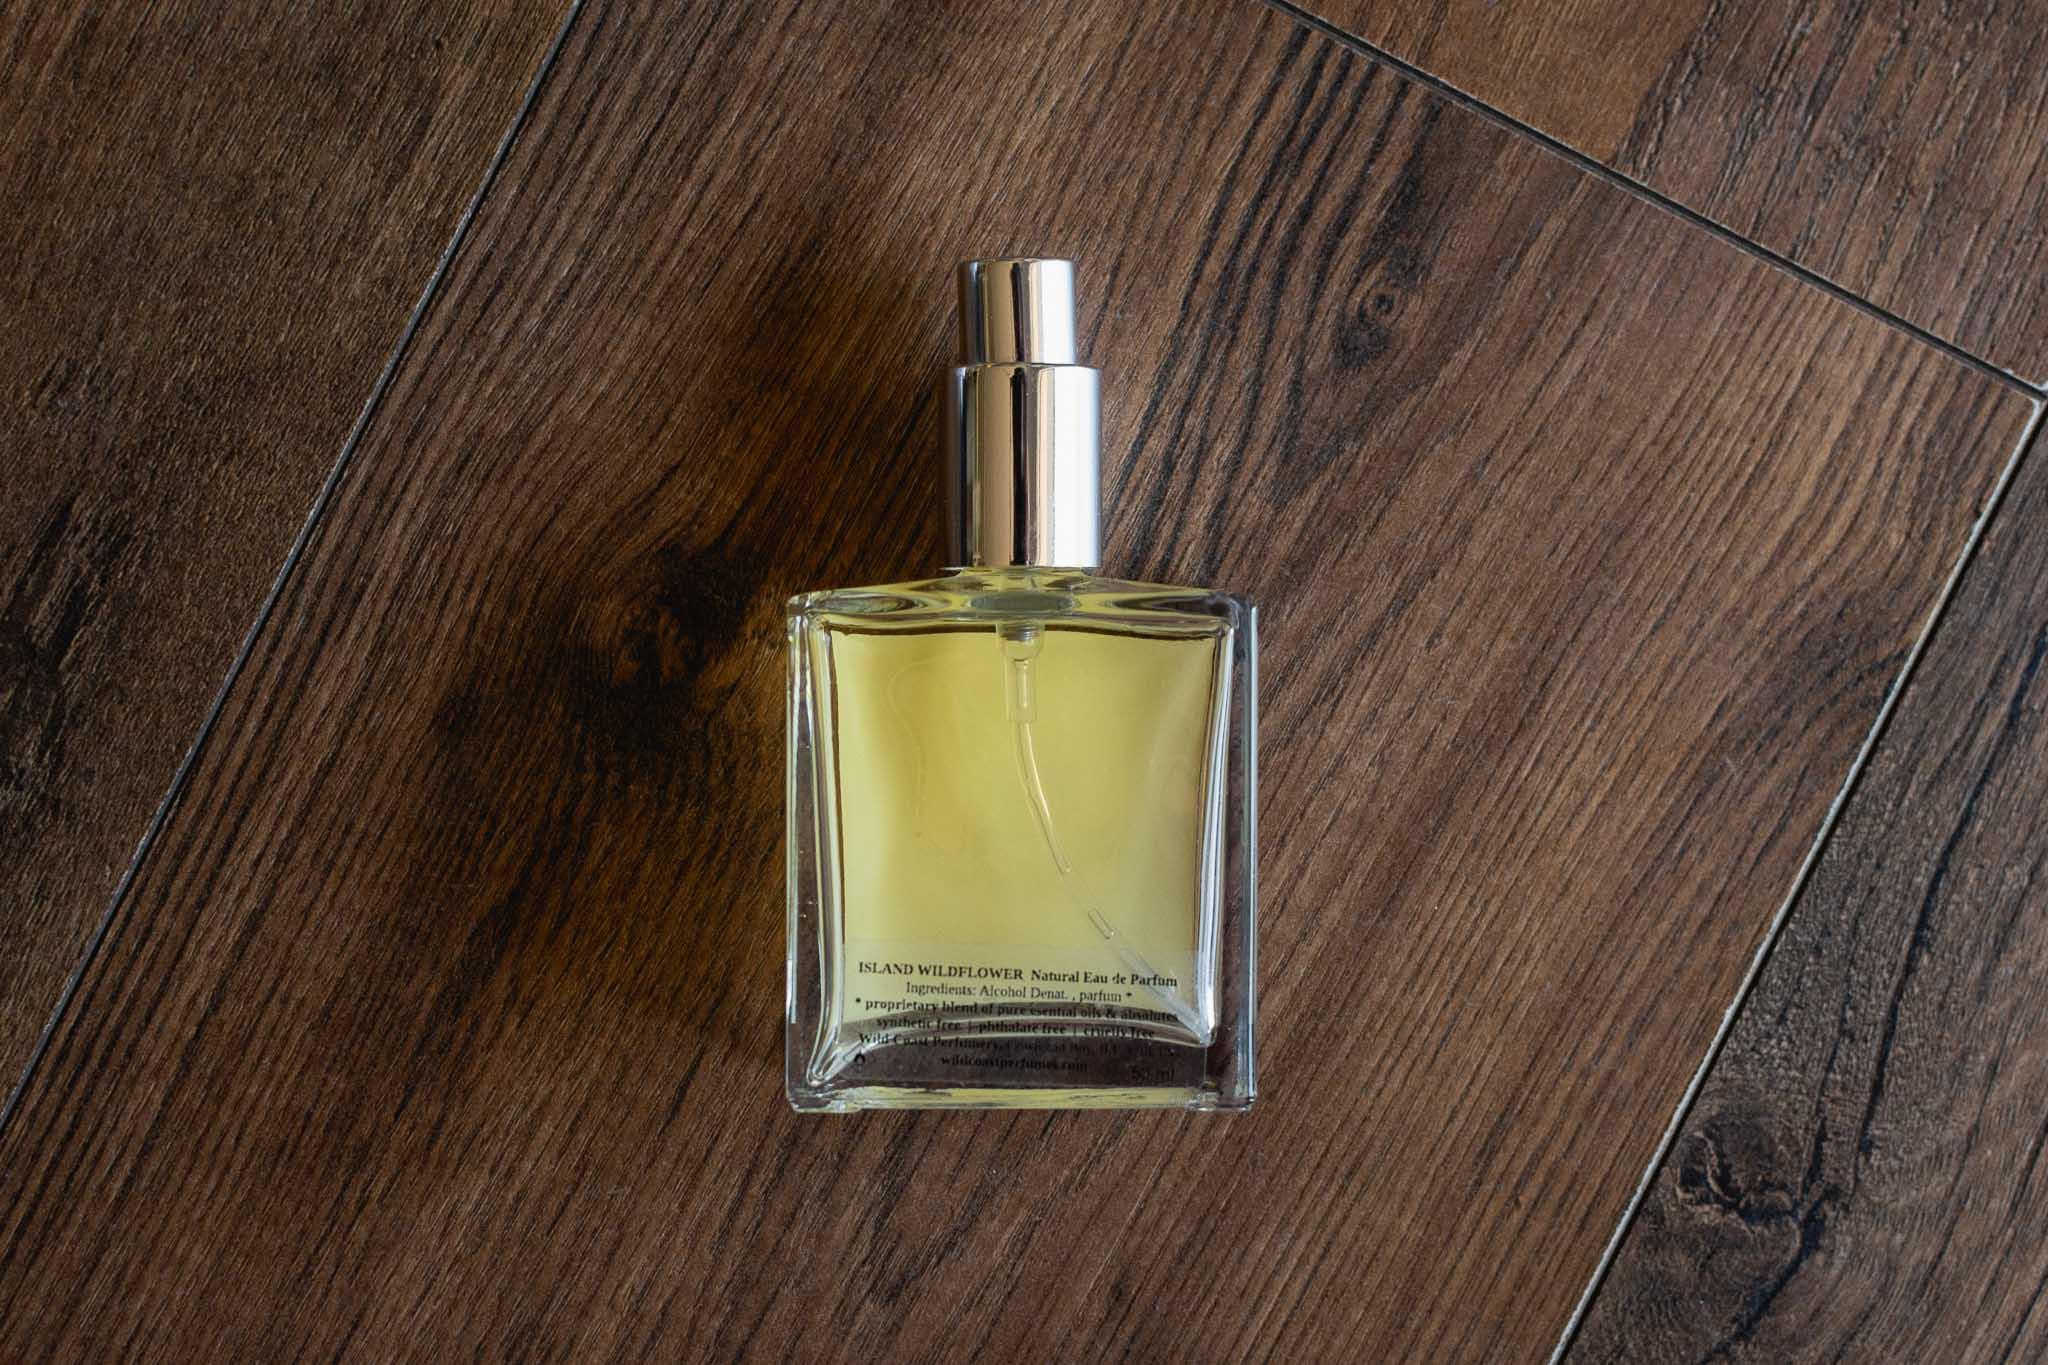 Island Wildflower Perfume by Wild Coast Perfumery